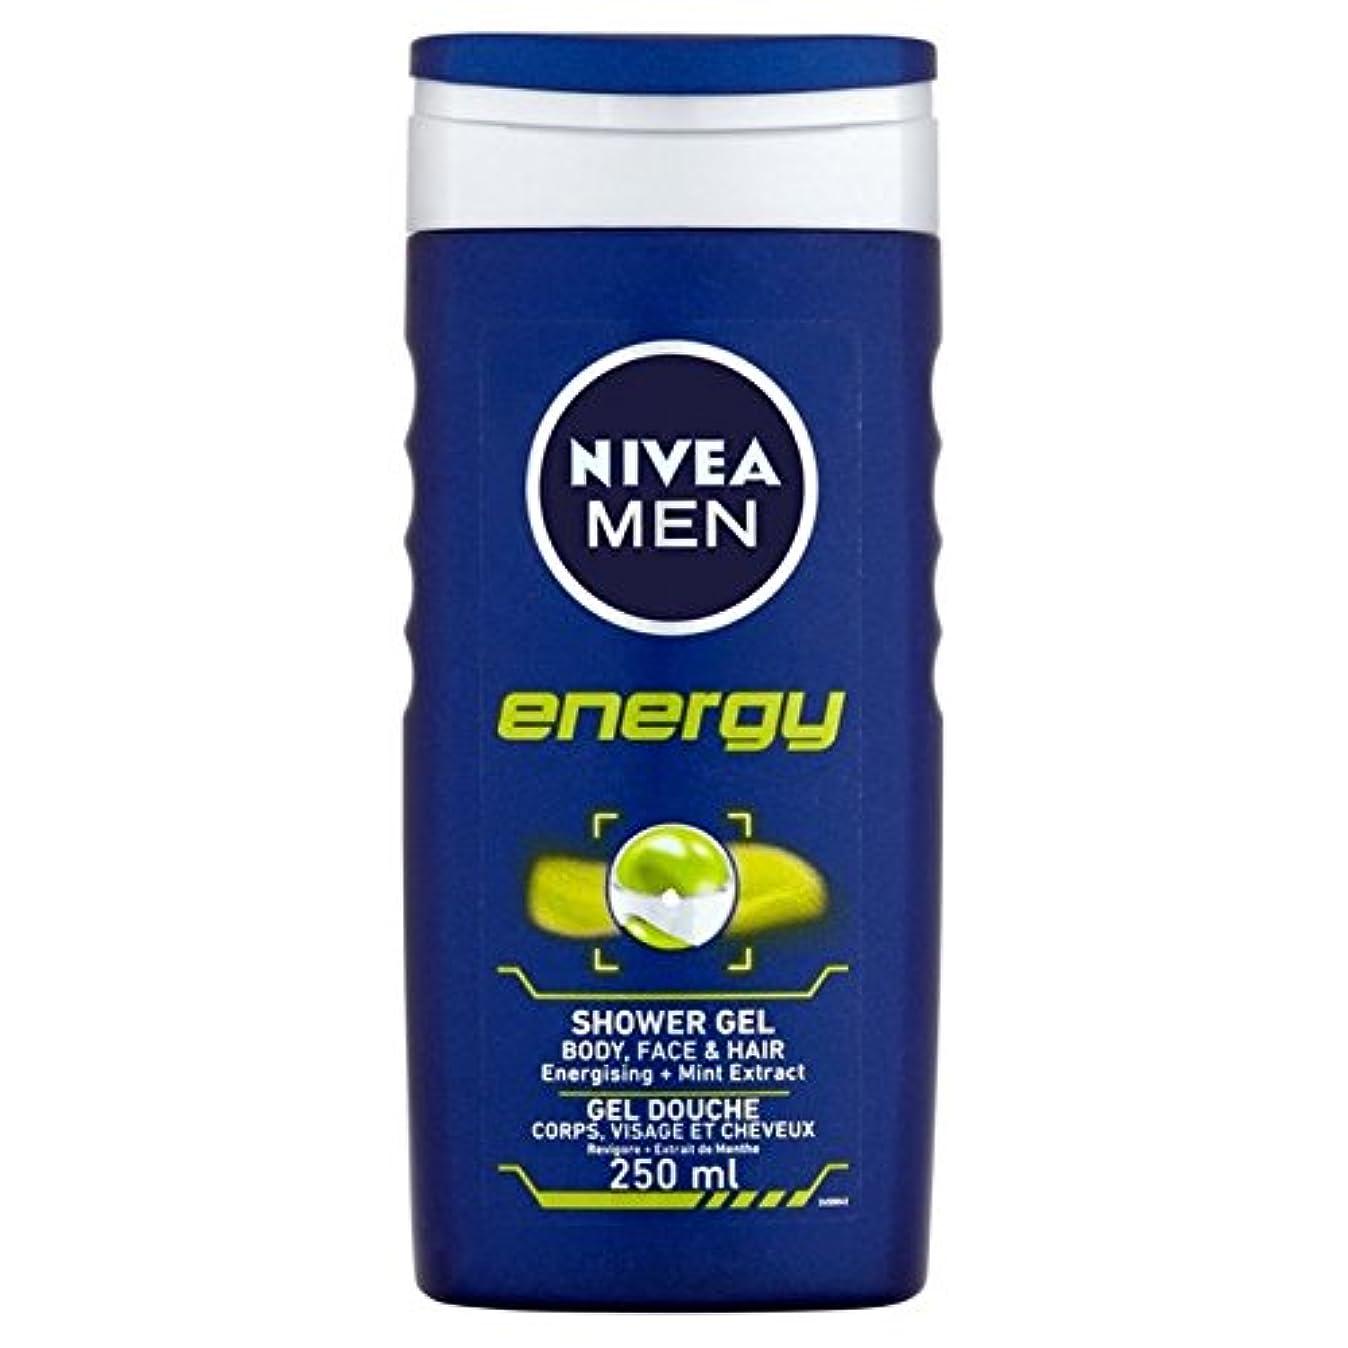 突撃契約したみなすNivea Men Energy 2 in 1 Shower 250ml - 1つのシャワー250ミリリットル中ニベアの男性のエネルギー2 [並行輸入品]